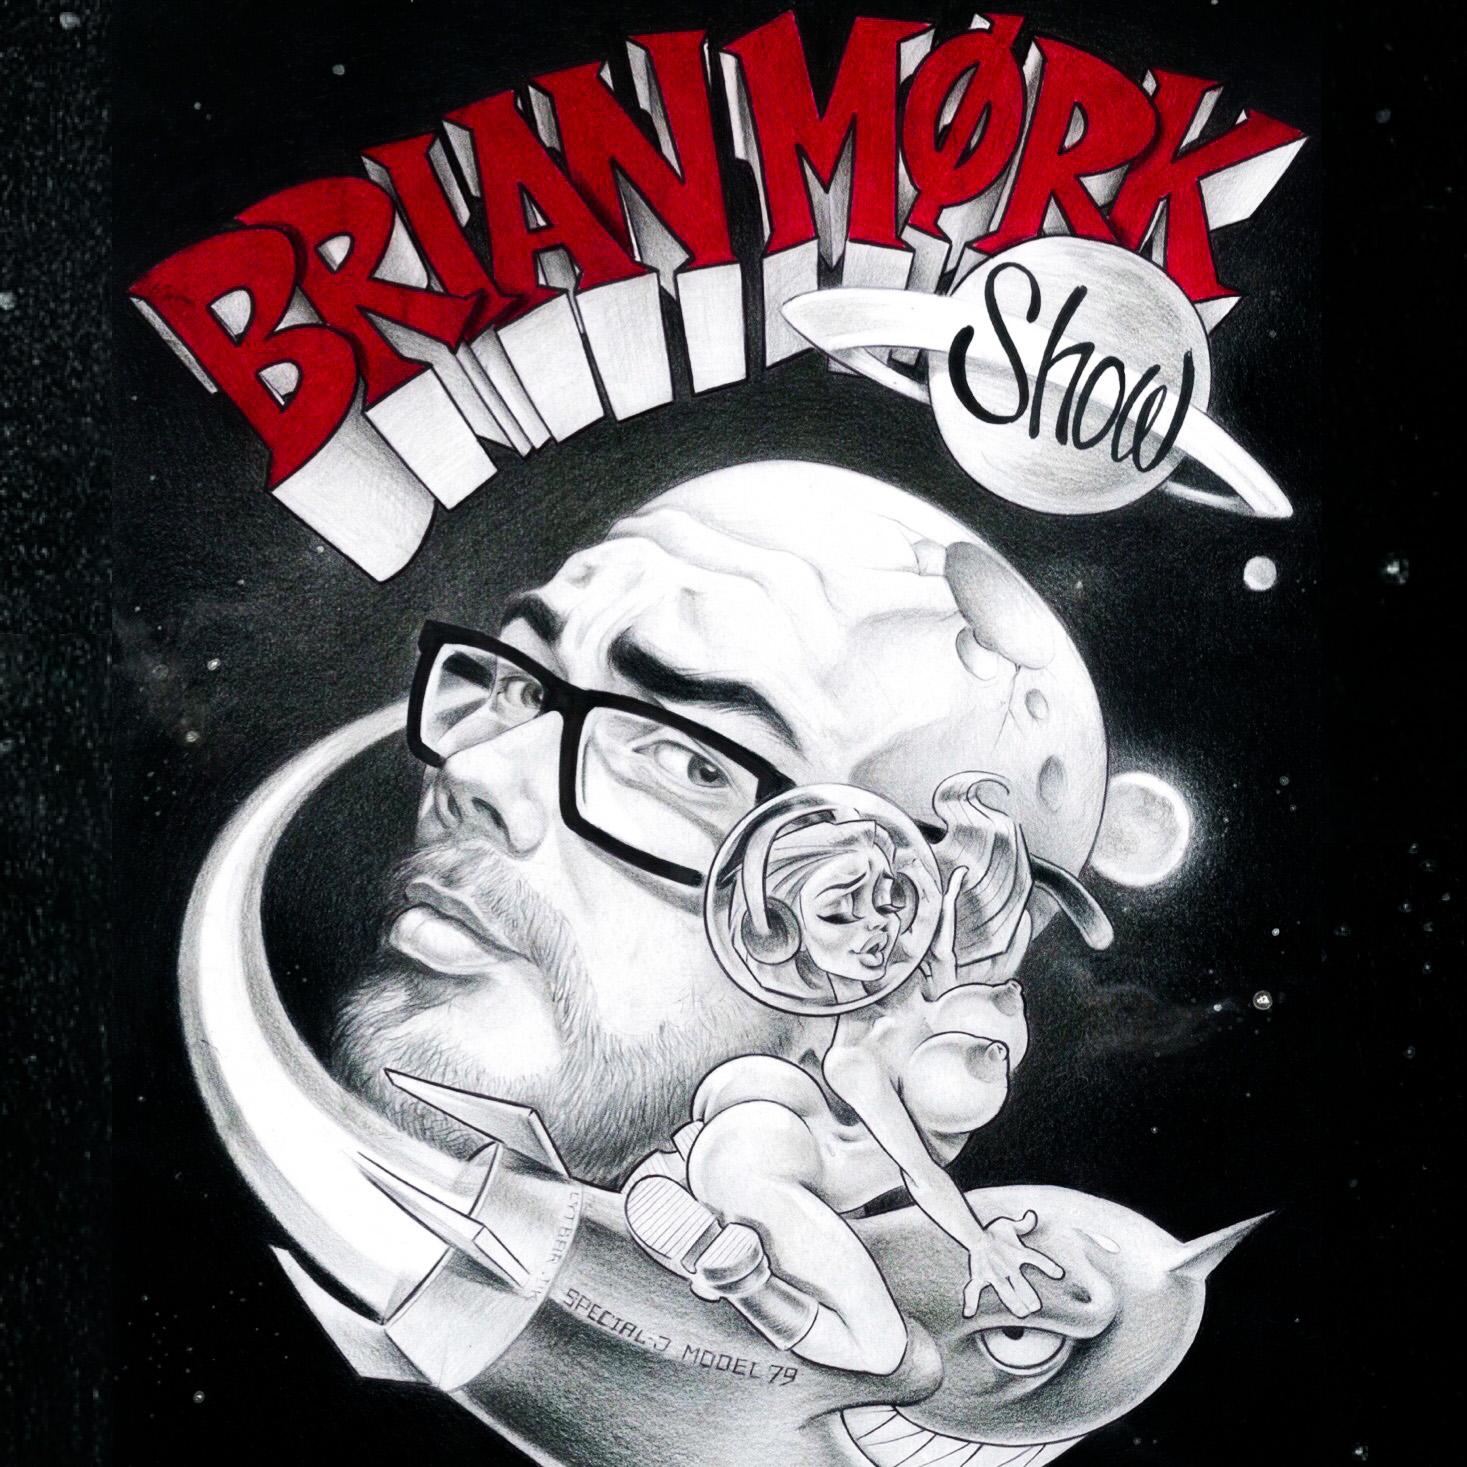 Brian Mørk Show #280: Årets Top 10 del 1